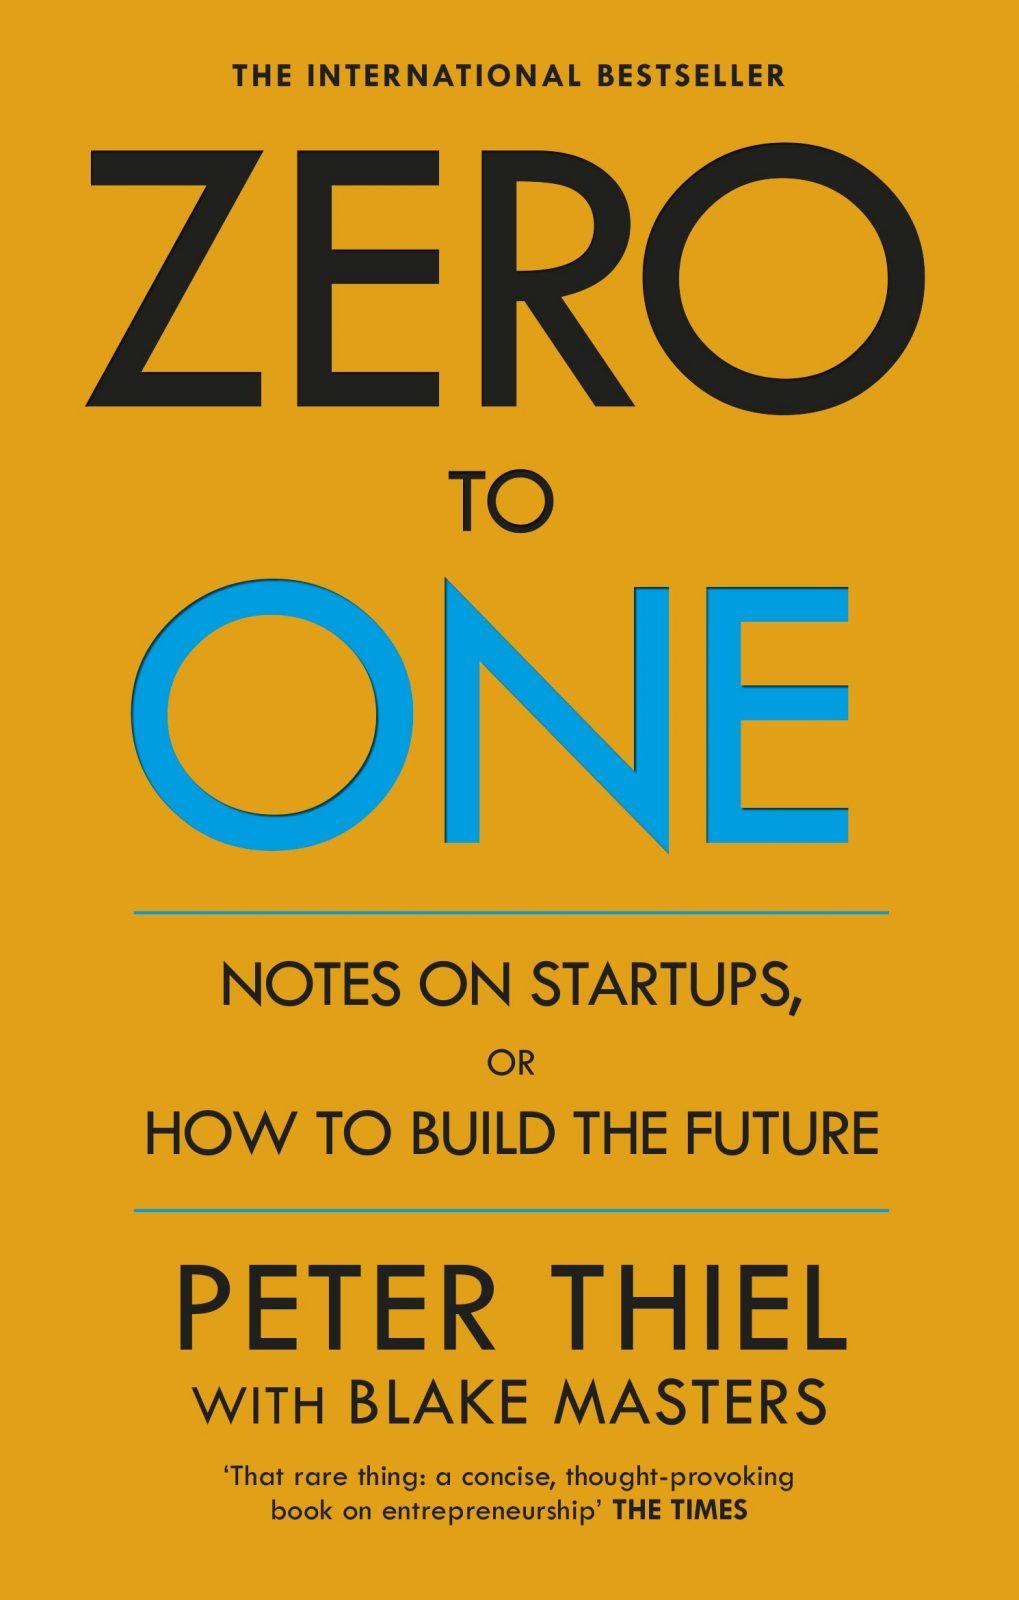 Zero to One Book Cover Inspiring Entrepreneurship Book